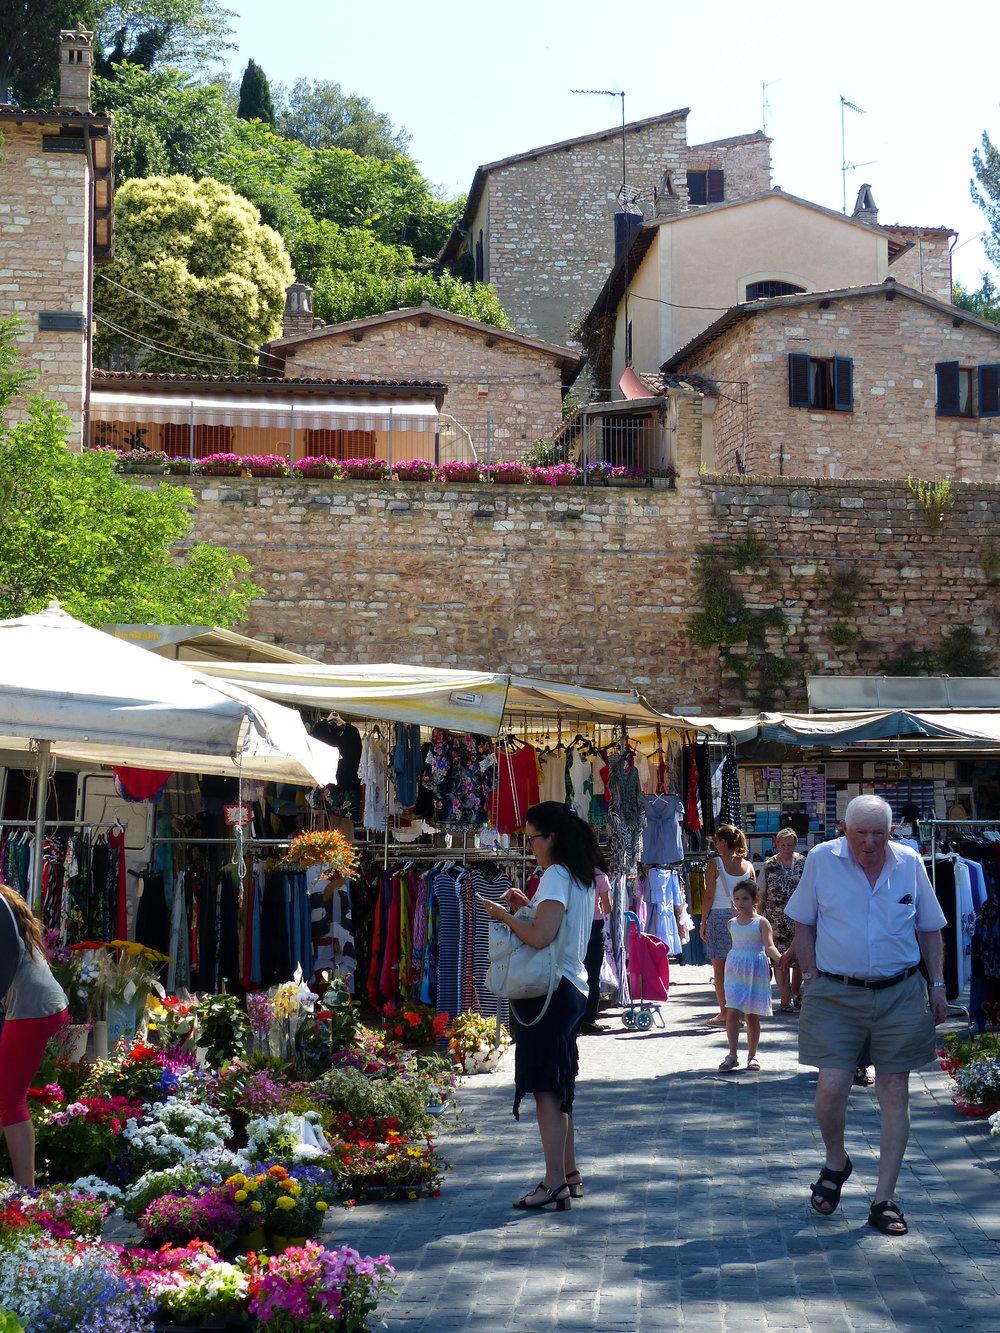 Market day in Spello